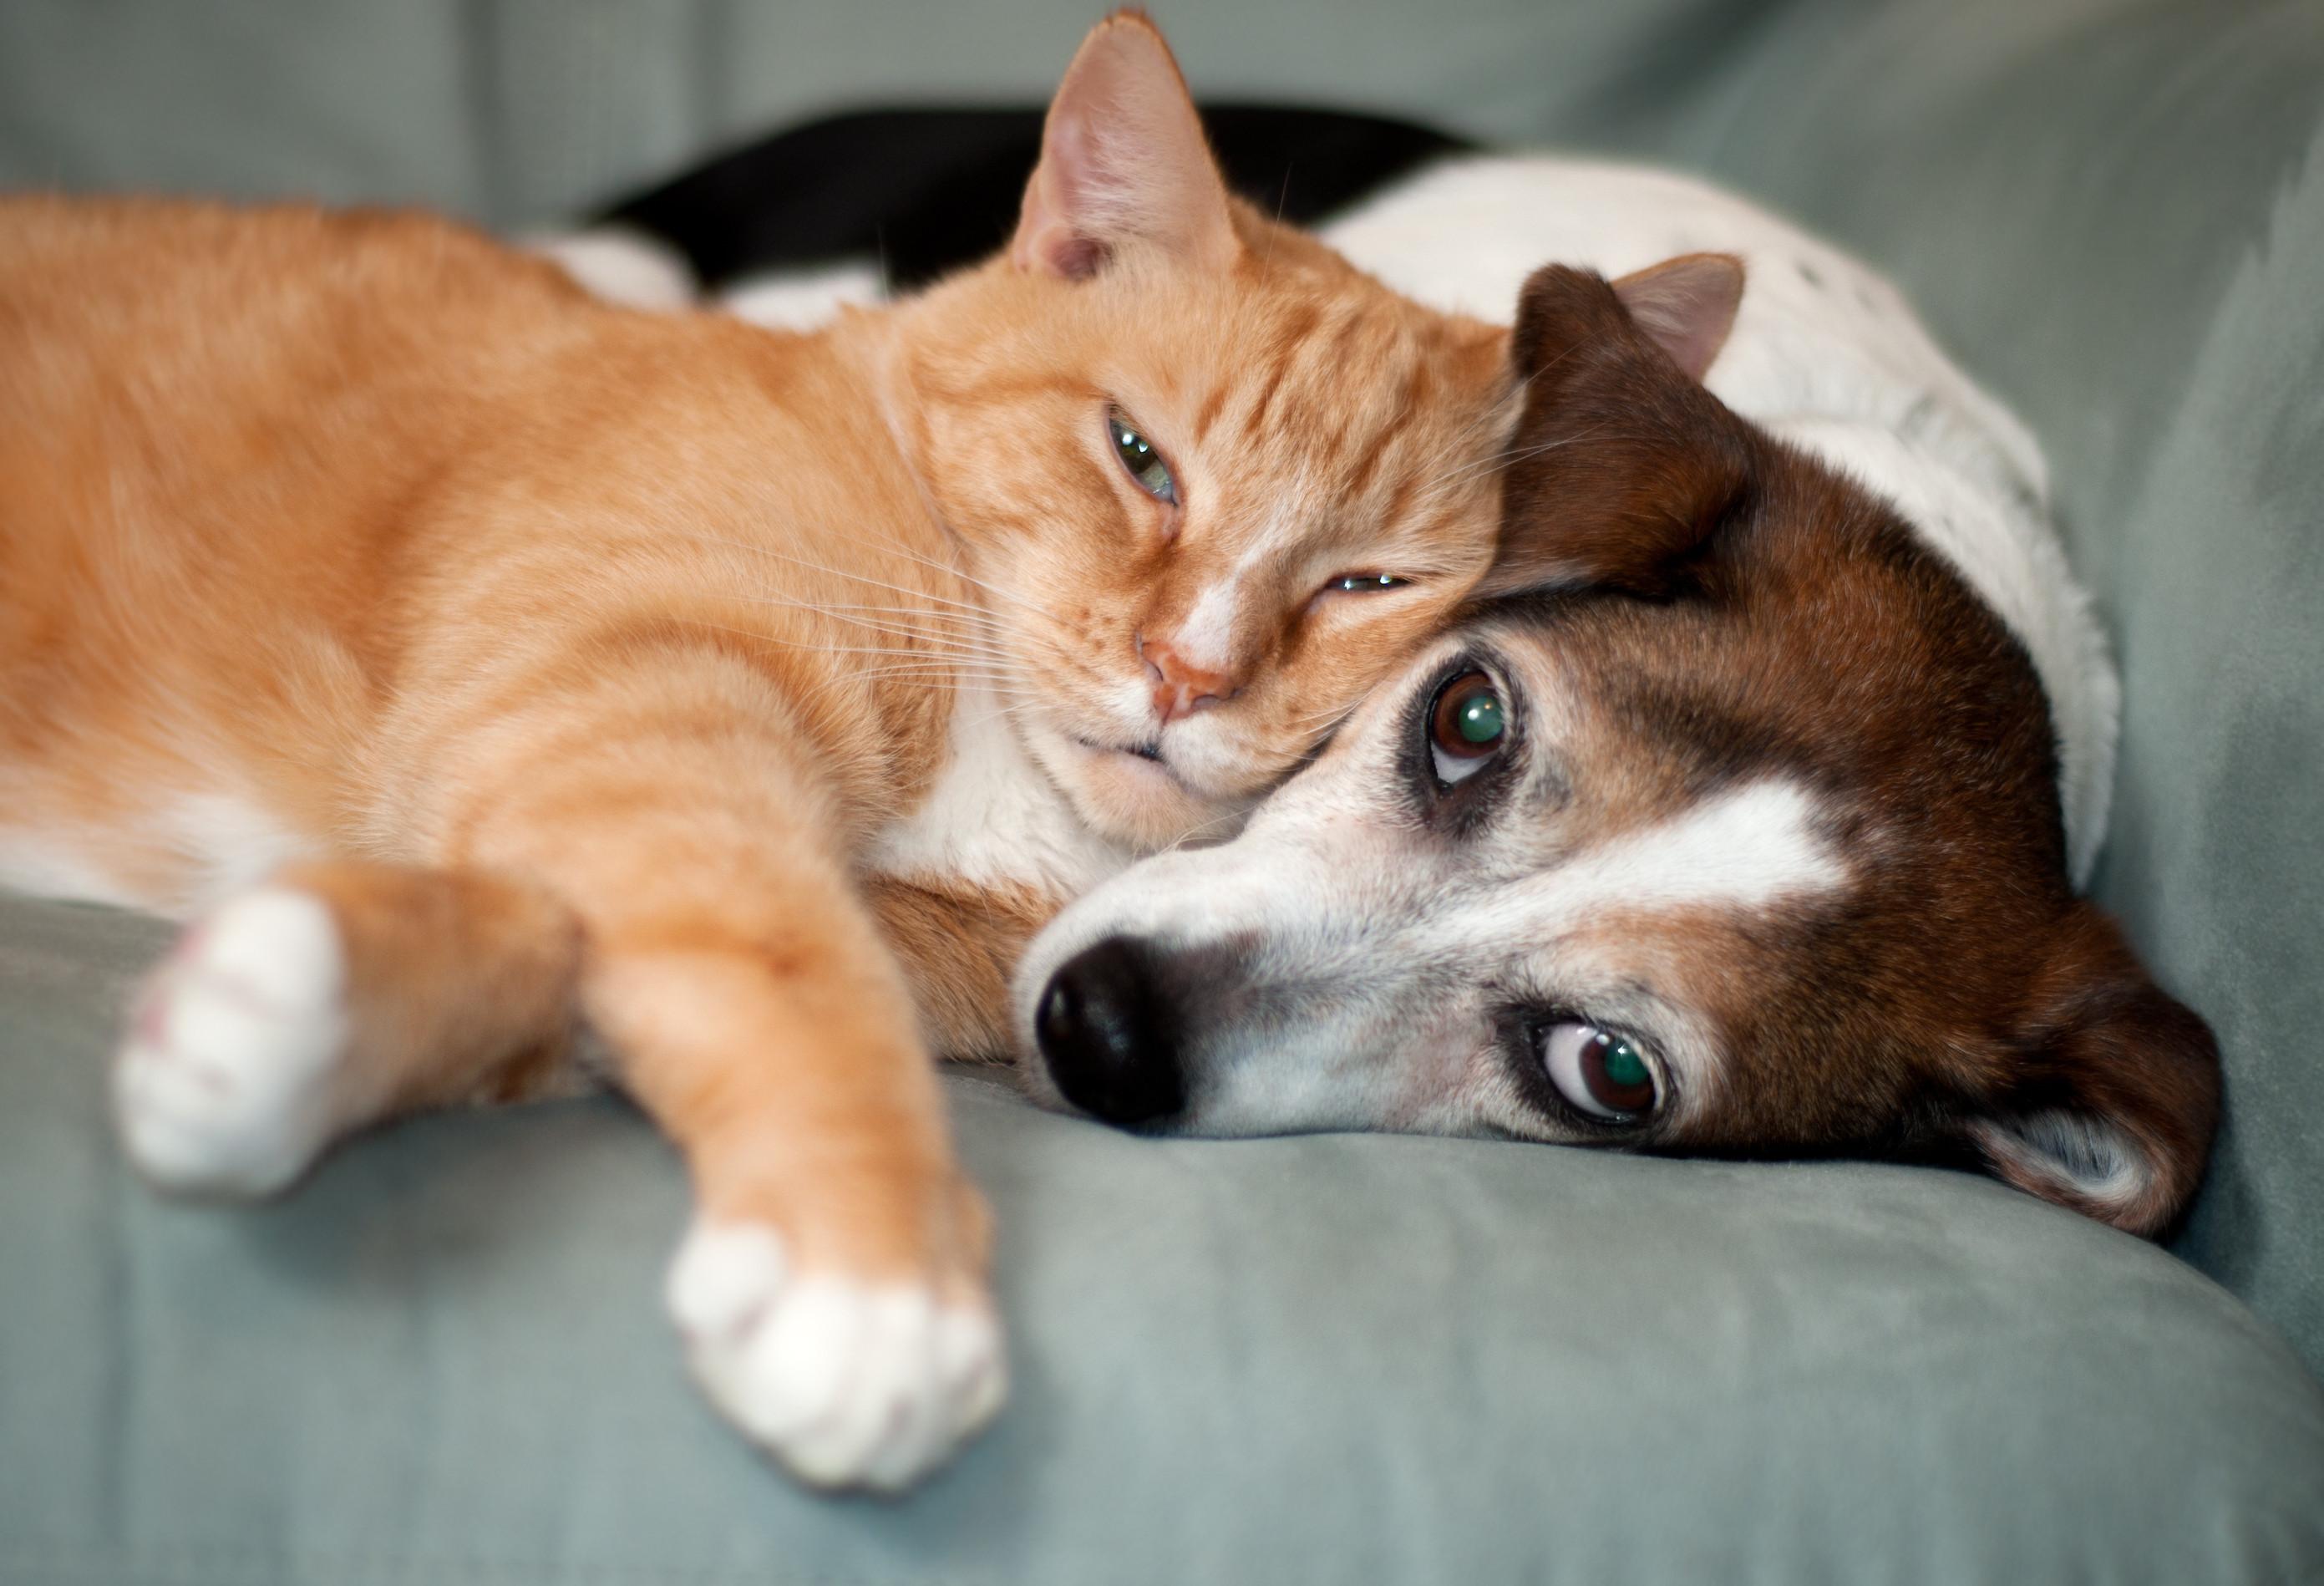 SABIA QUE o período da gravidez de uma gata ou de uma cadela é idêntico?